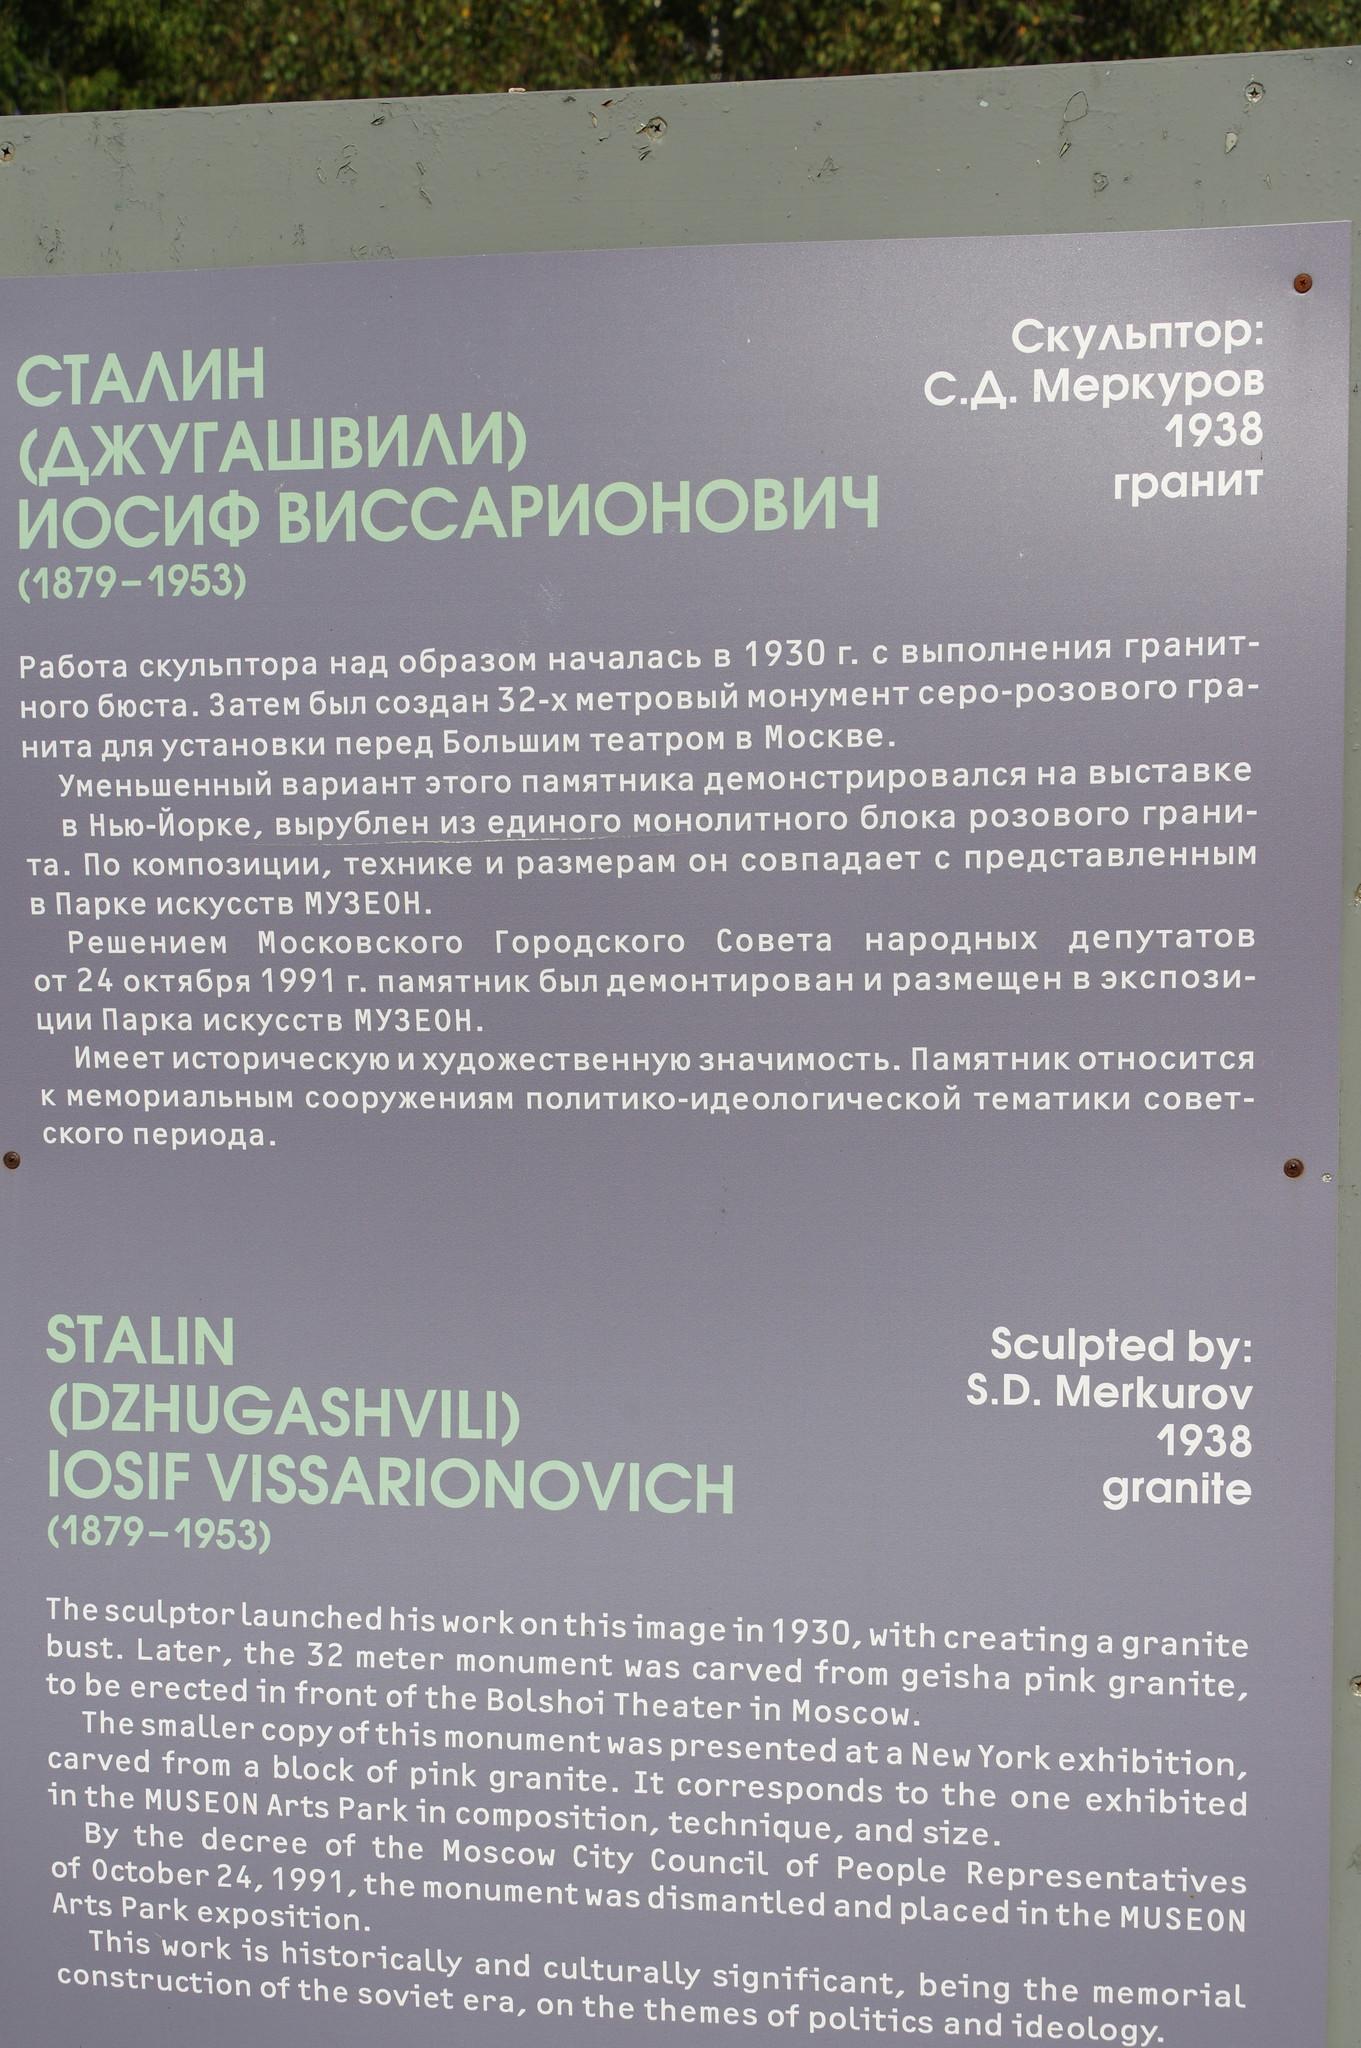 Иосиф Виссарионович Сталин (Джугашвили). 1938 г. Гранит. Меркуров С.Д. Парк искусств «Музеон»